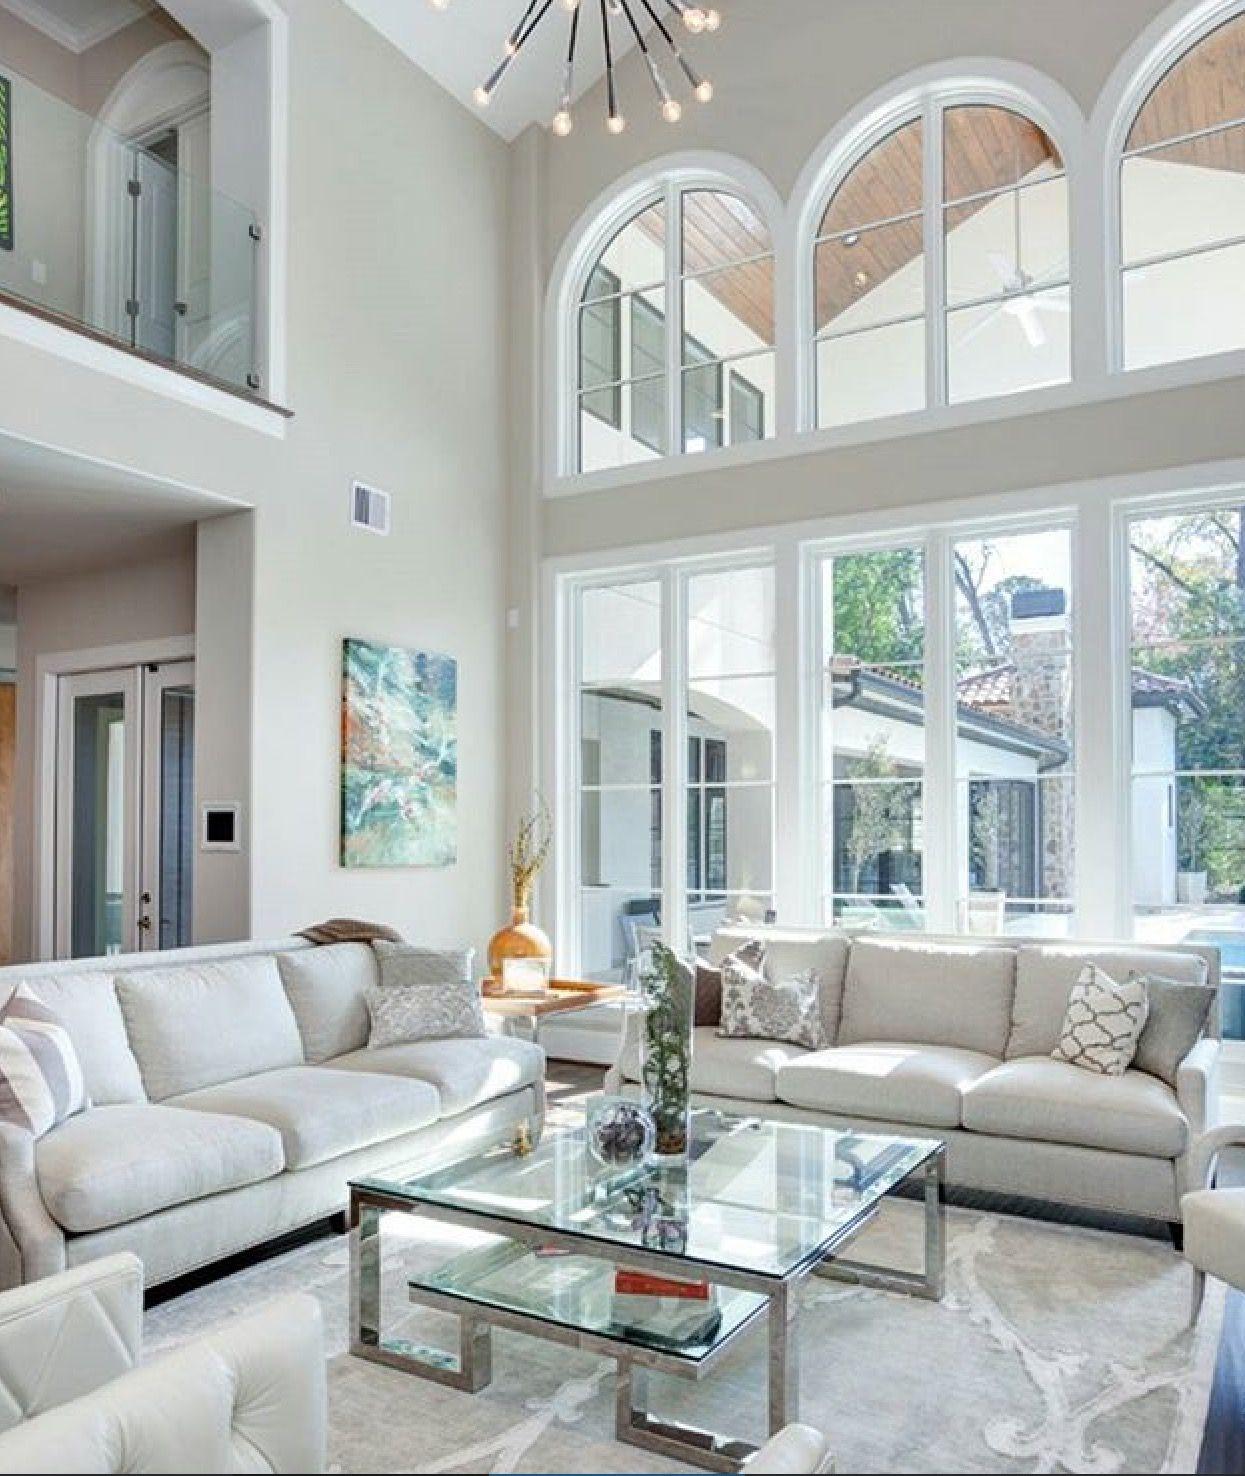 Jenzie living room | Formal living room decor, Elegant ...